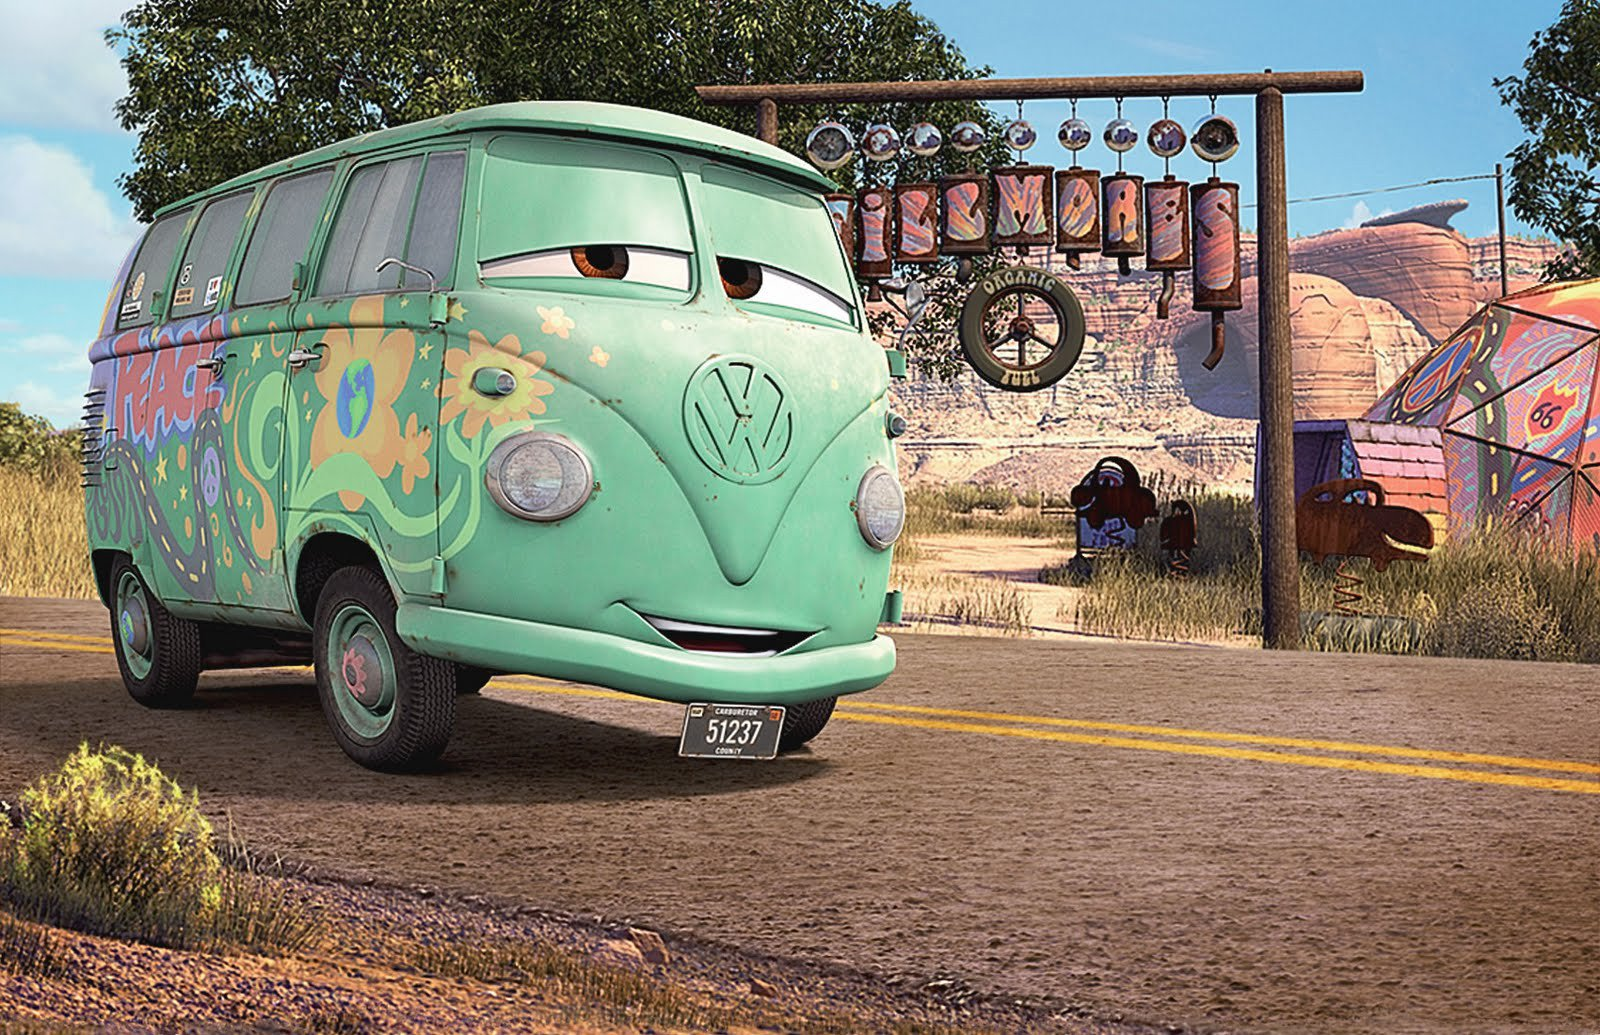 Kombi Type 2 Old Bus Volkswagen Cars Disney Pixar